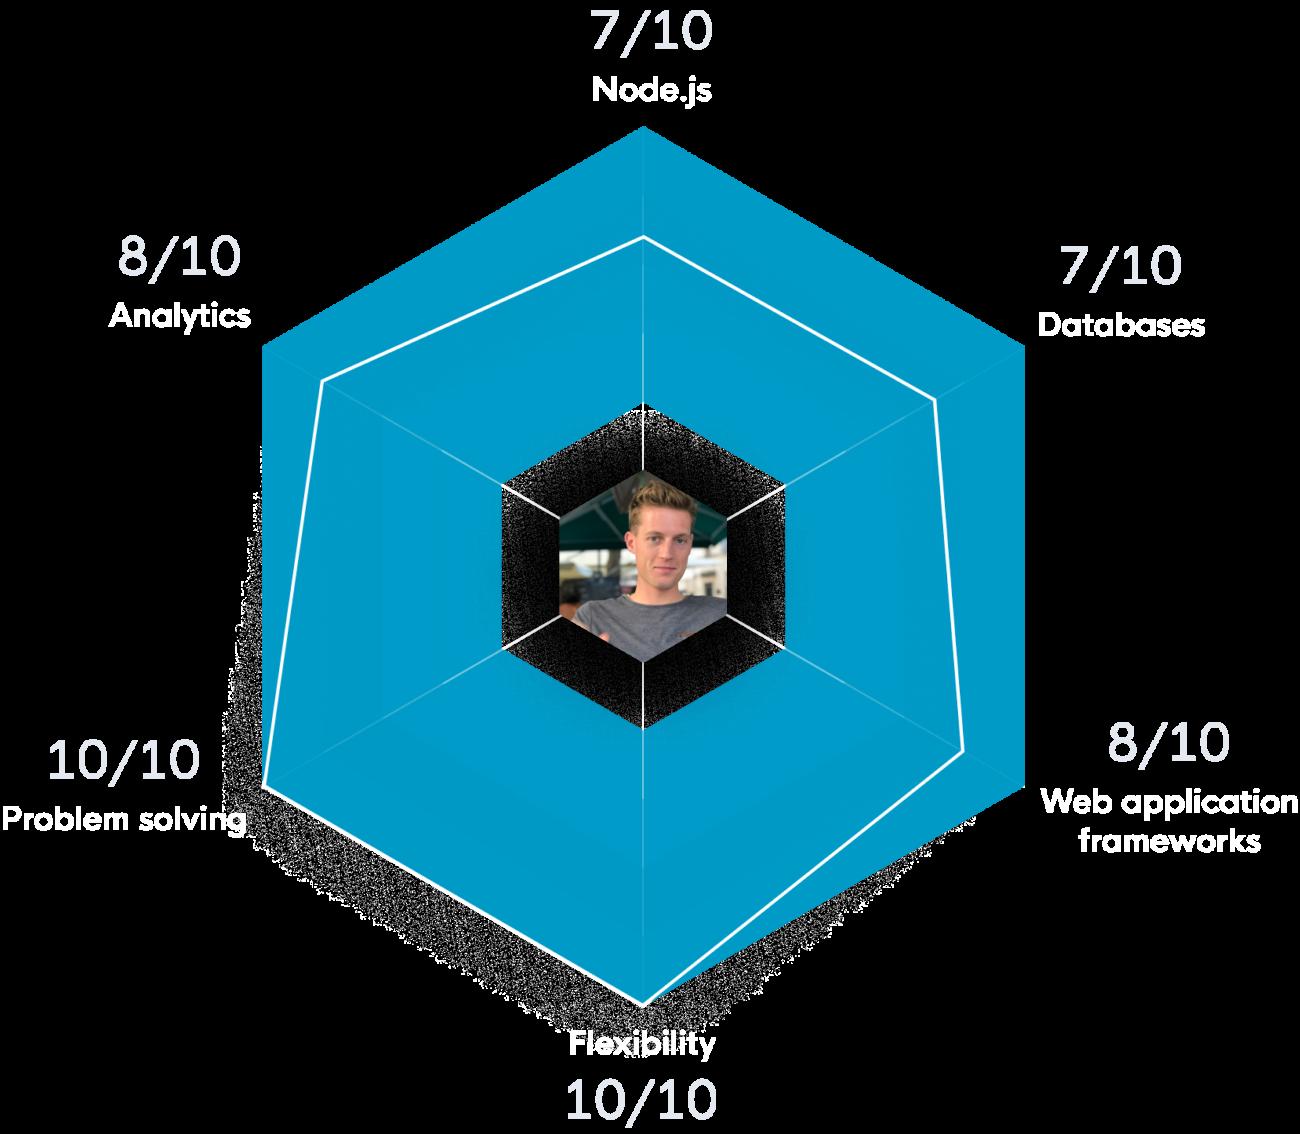 Willem node.js scorecard